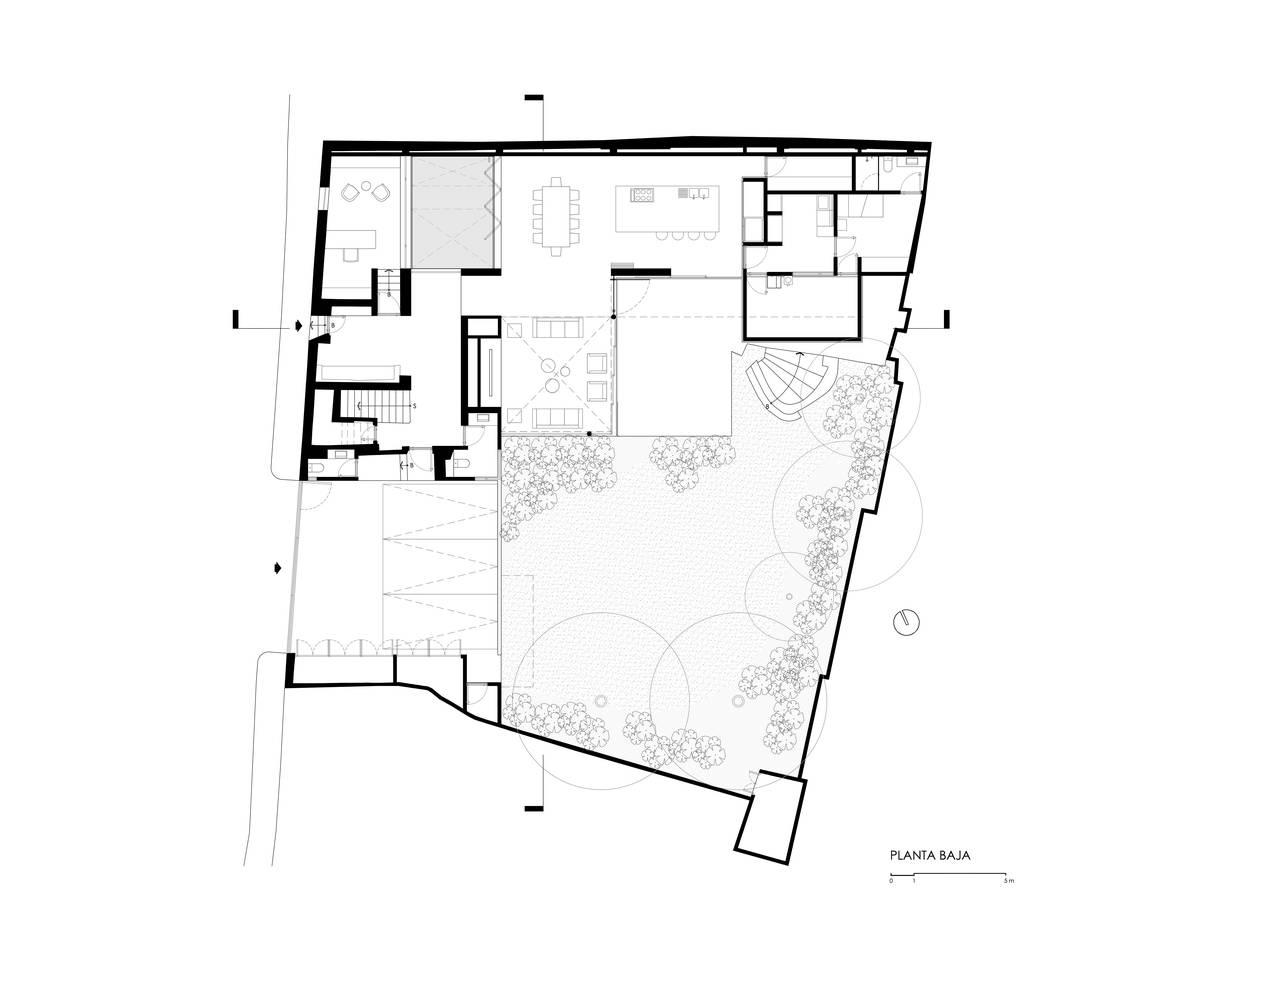 Casa f12 dise ada por el estudio miguel de la torre - Planos de arquitectos ...